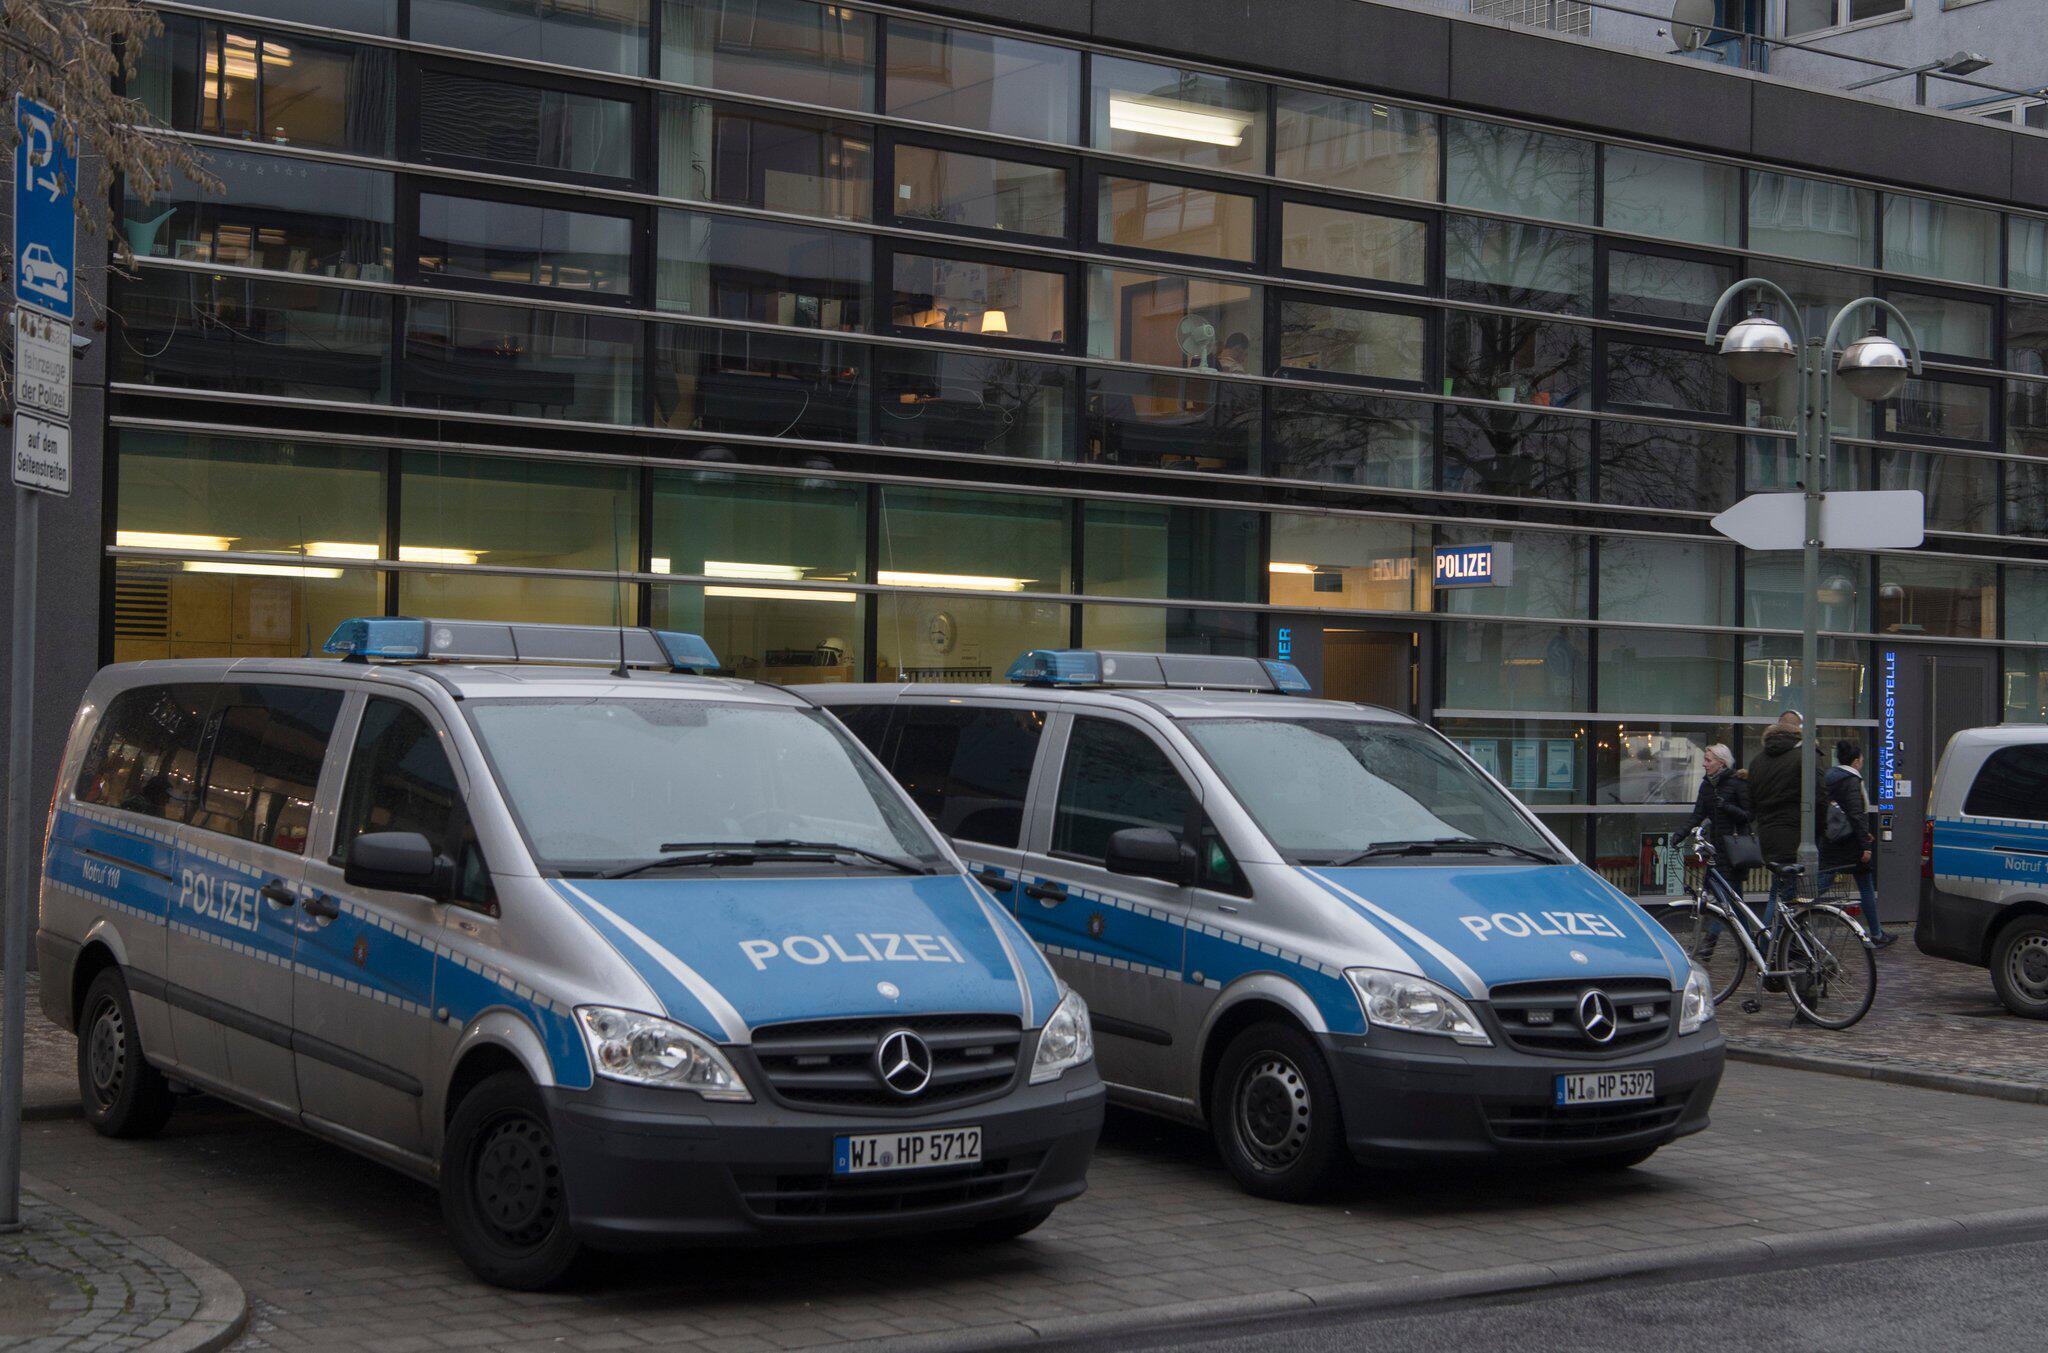 Bild zu Mutmaßliches rechtes Netzwerk bei Frankfurter Polizei